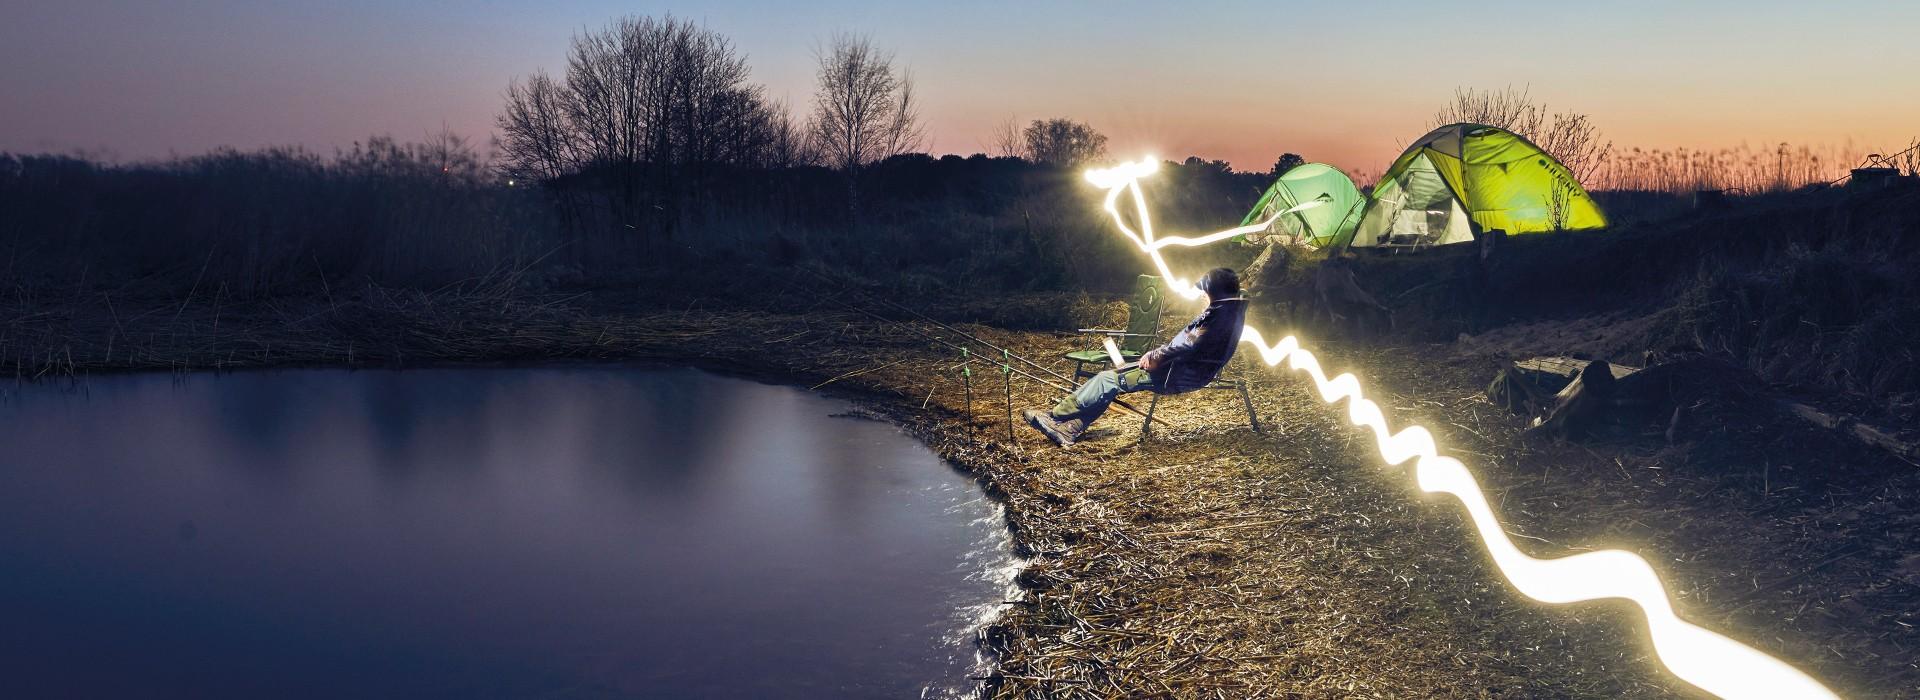 Deeper Power LanternValgusta oma vabaõhutegevusi